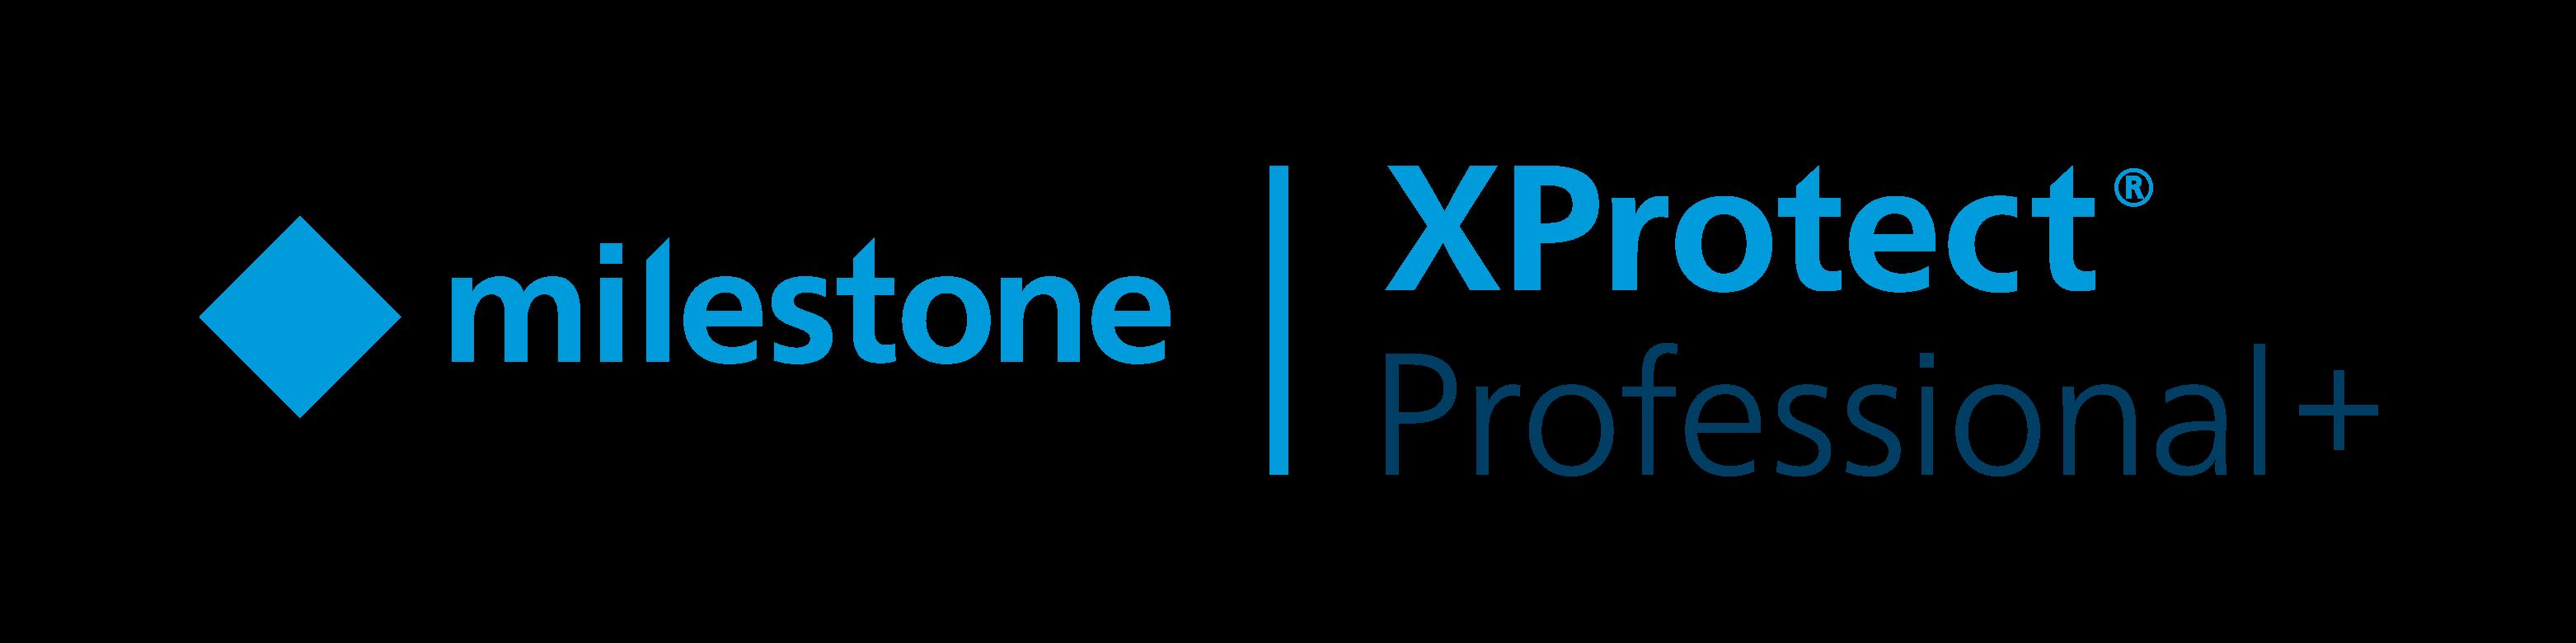 Milestone Vijf jaar Care Plus voor XProtect Professional+ Device Licentie